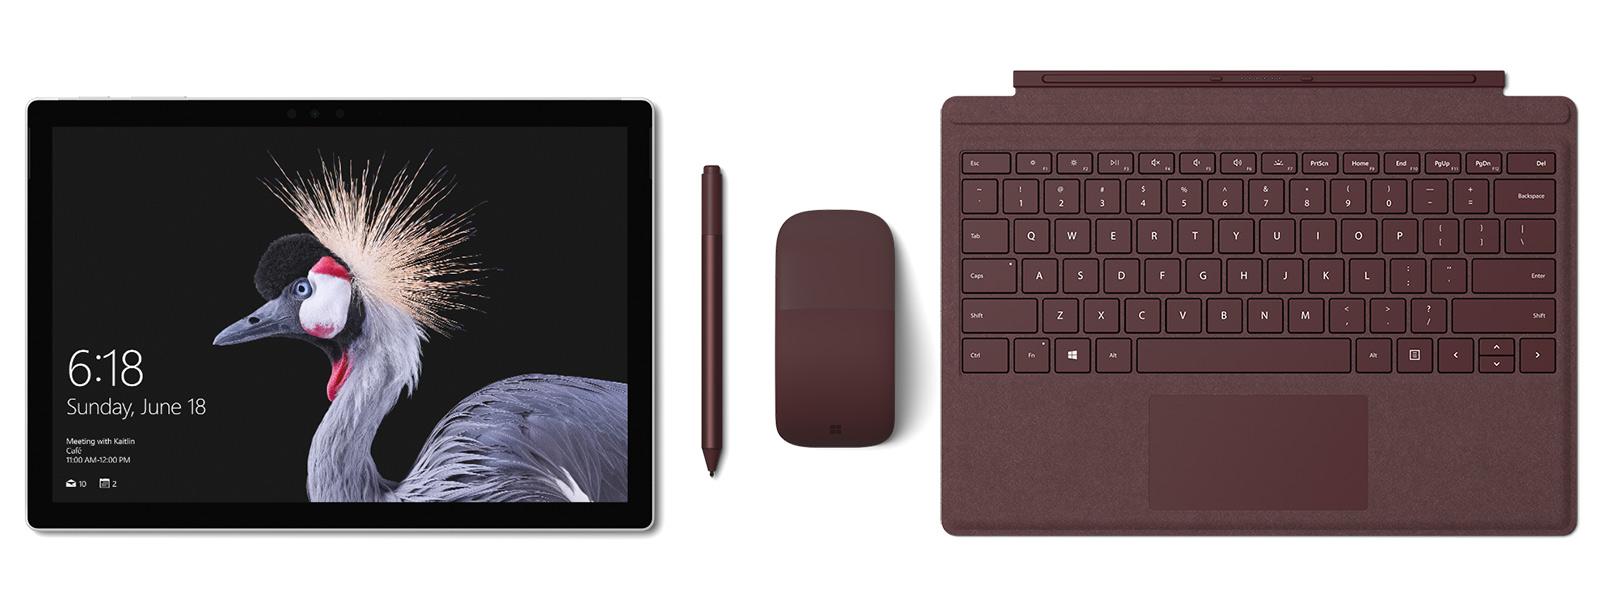 Billede af Surface Pro med Surface Pro Signature Type Cover, Surface Pen og Surface Arc Mouse i bordeauxrød. Surface Pen medfølger.